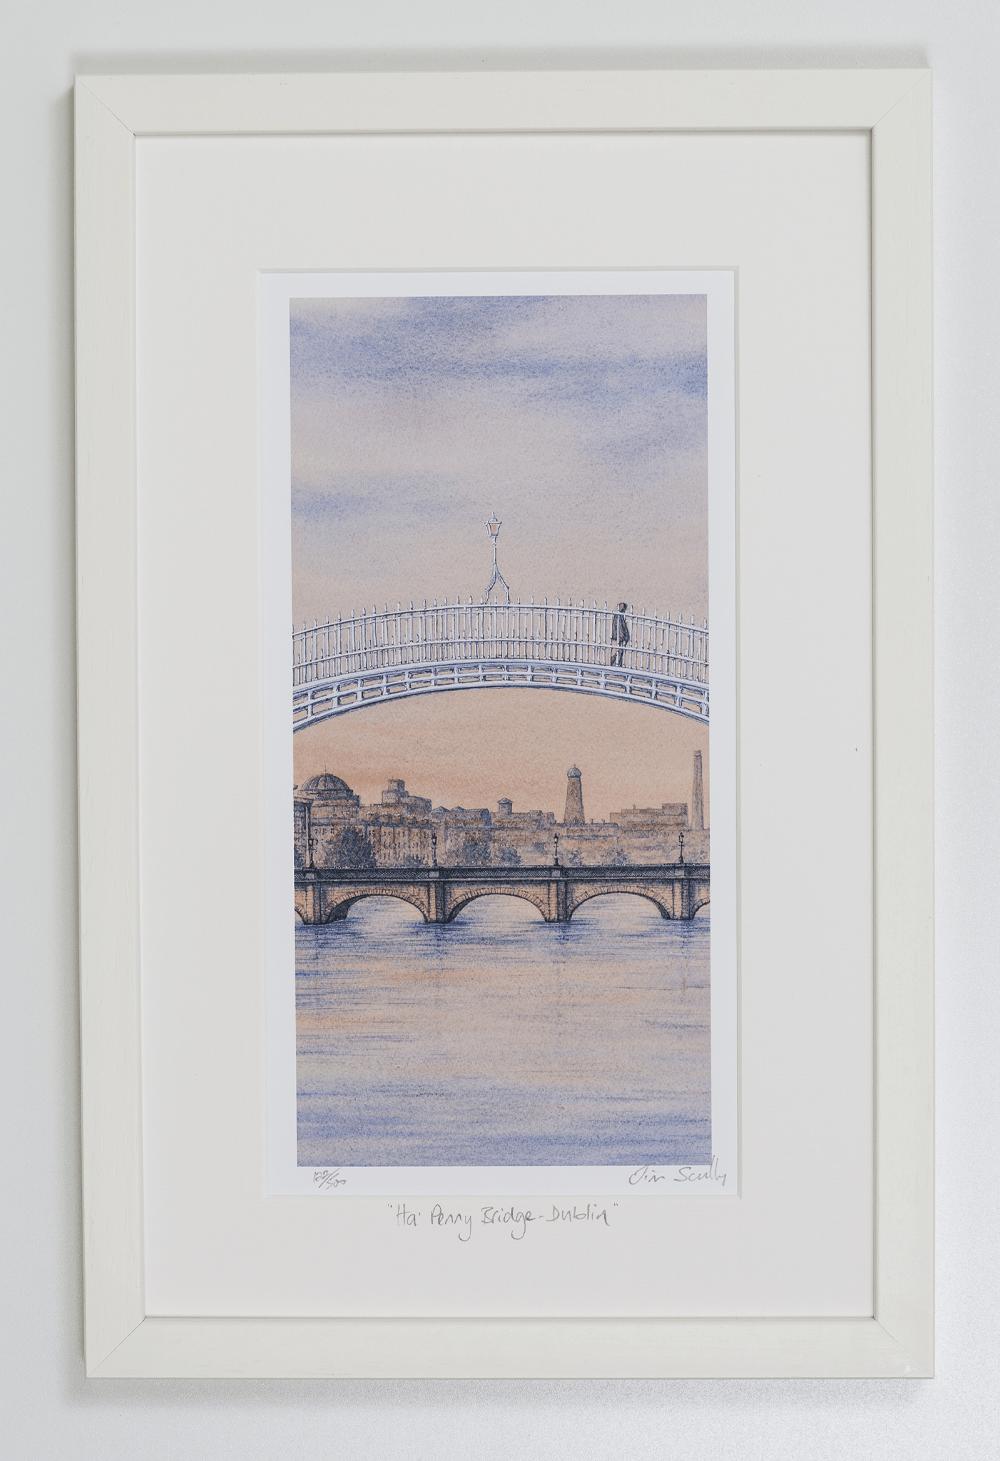 Ha-Penny-Bridge-Sunset-Dublin-Portrait-Frame